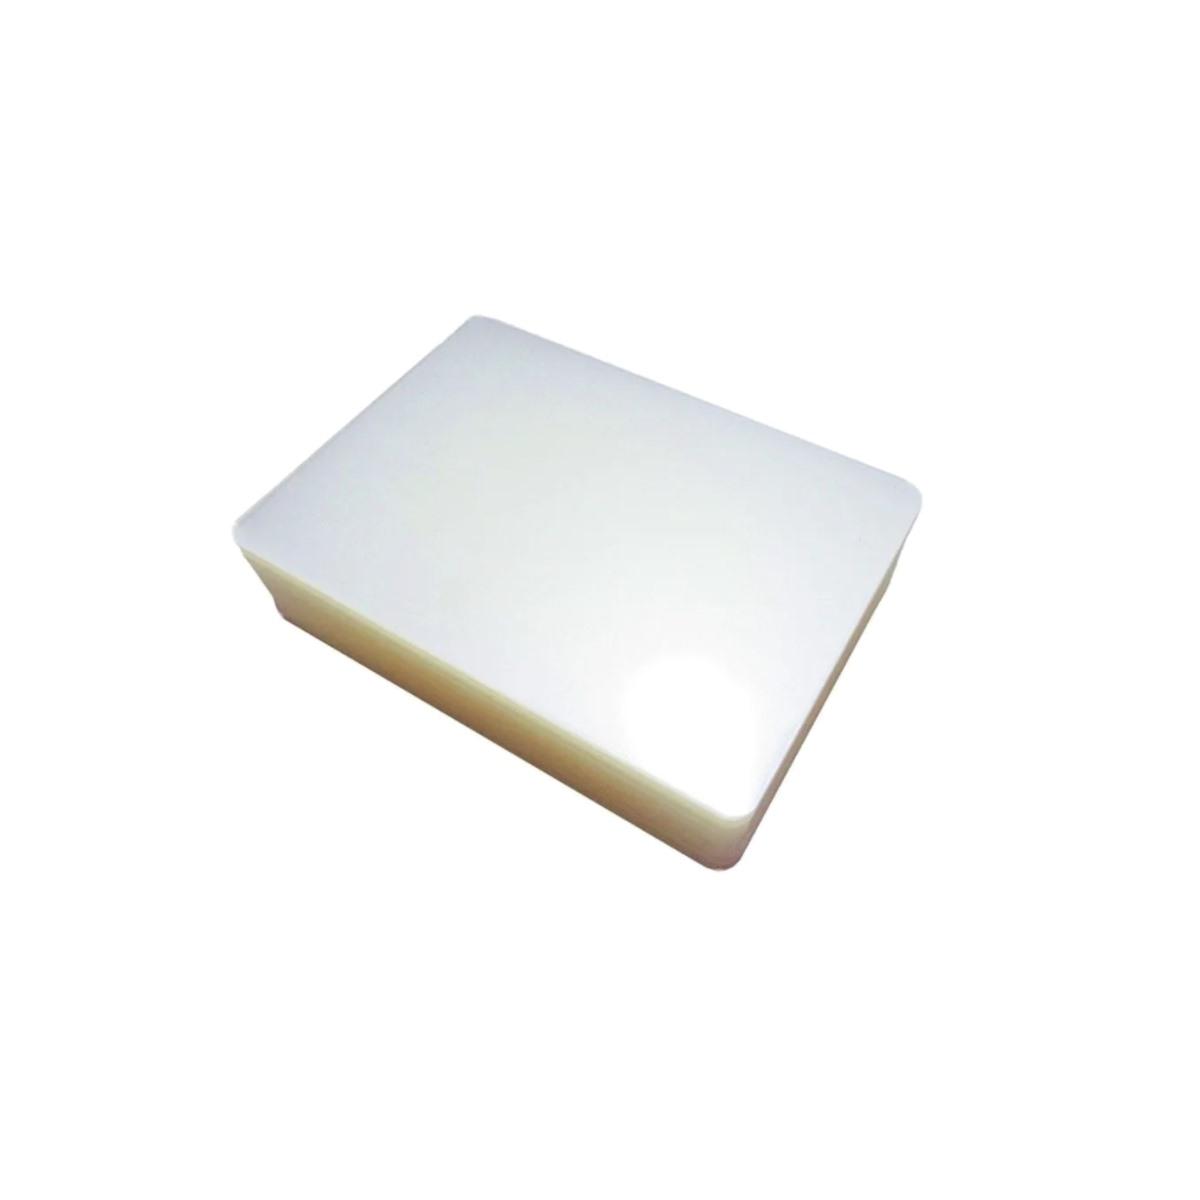 Polaseal plástico para plastificação Ofício I 226x340 0,05mm 100un